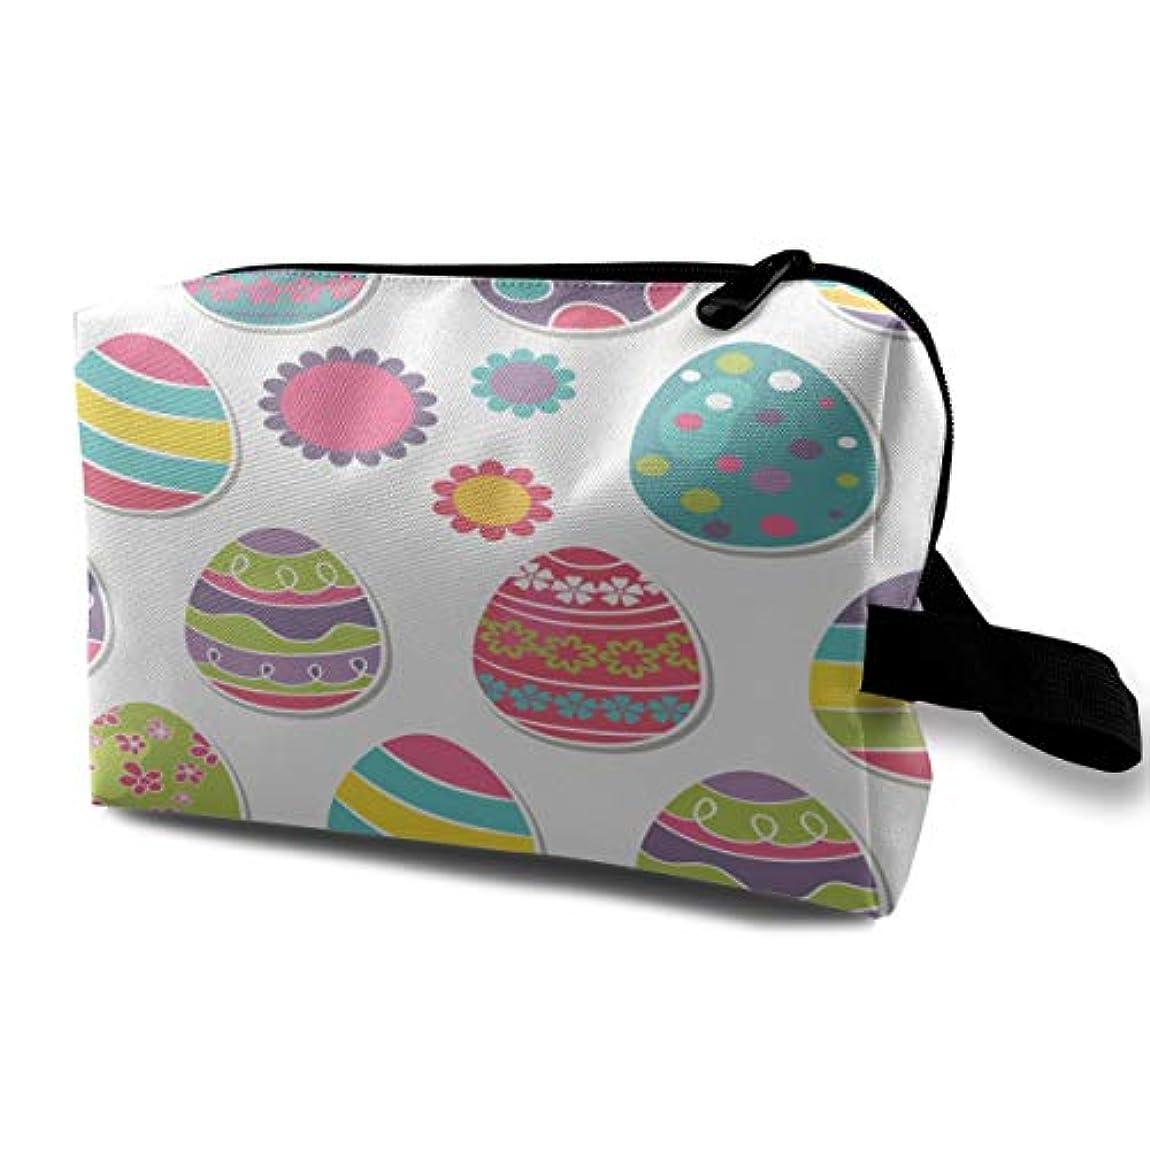 品カーテンまっすぐMulticolors Easter Eggs 収納ポーチ 化粧ポーチ 大容量 軽量 耐久性 ハンドル付持ち運び便利。入れ 自宅?出張?旅行?アウトドア撮影などに対応。メンズ レディース トラベルグッズ